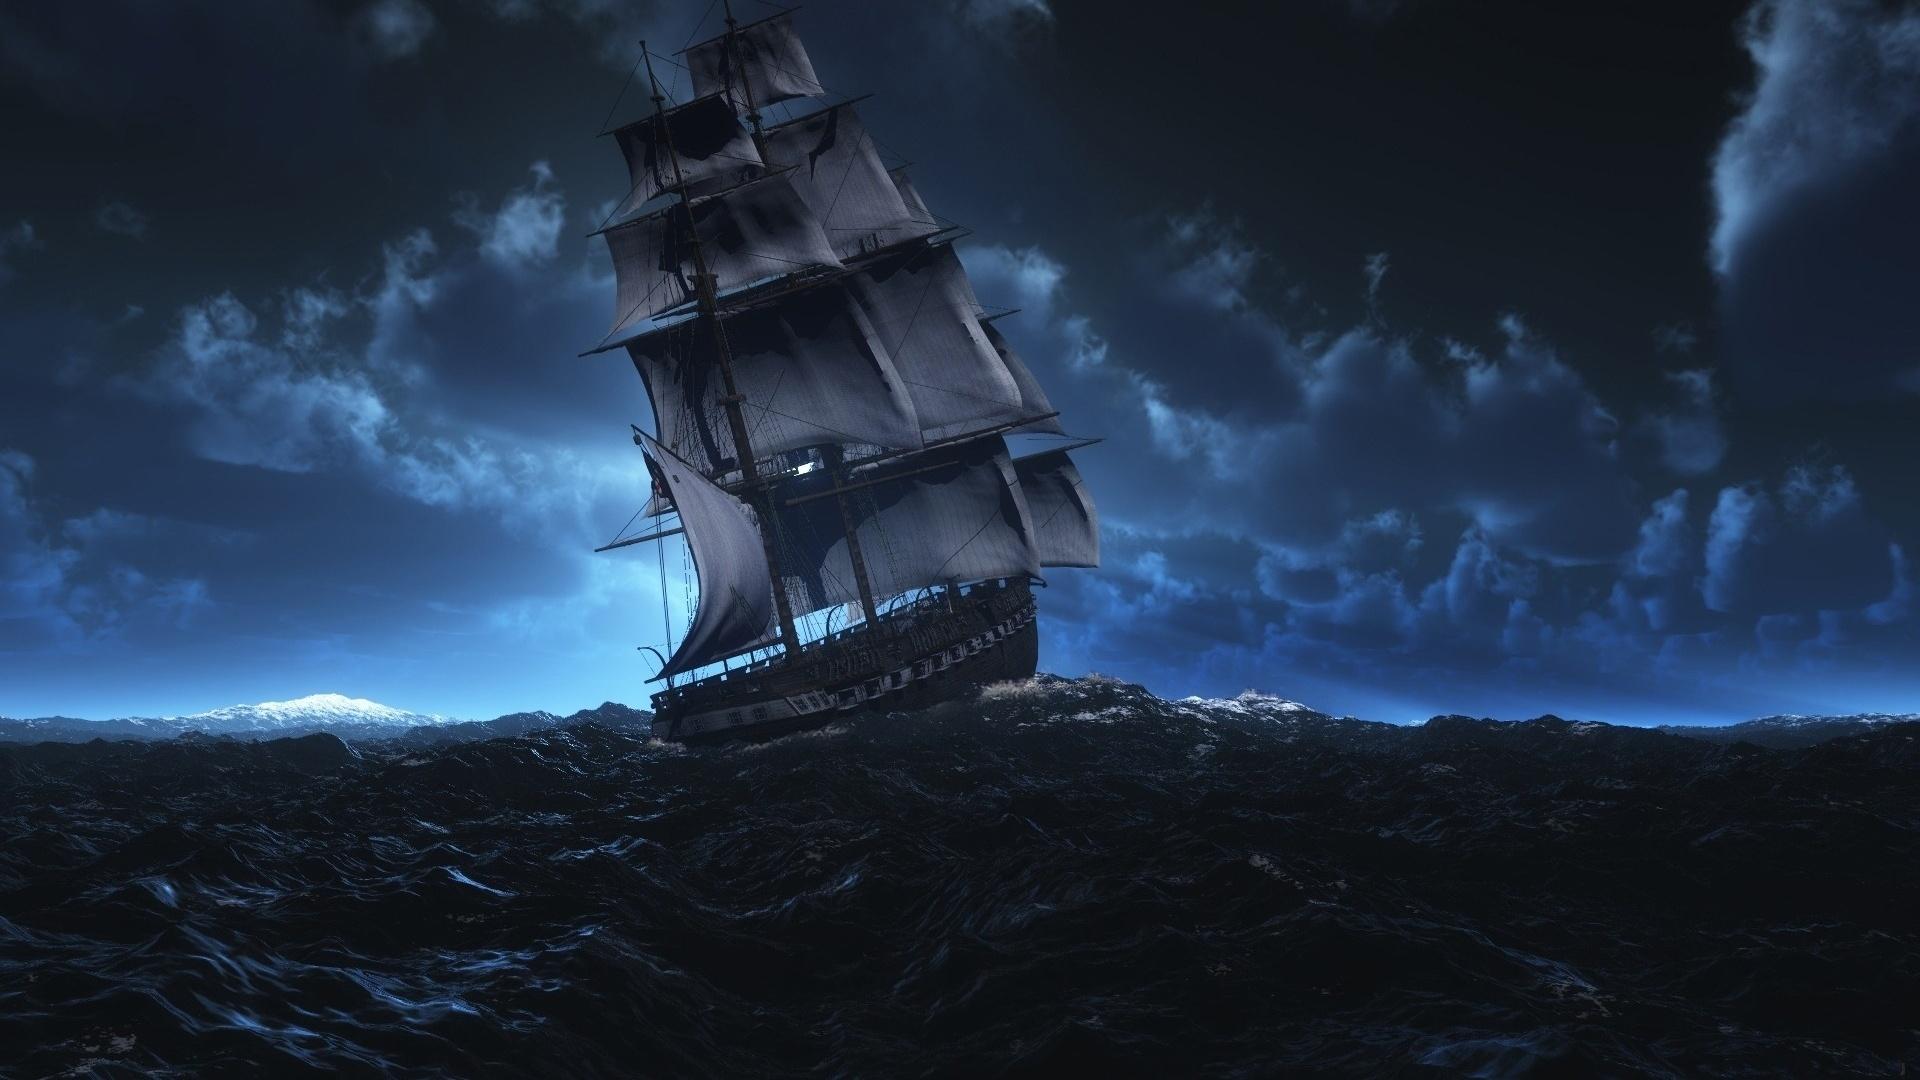 корабль в ночном море картинки поздравительную